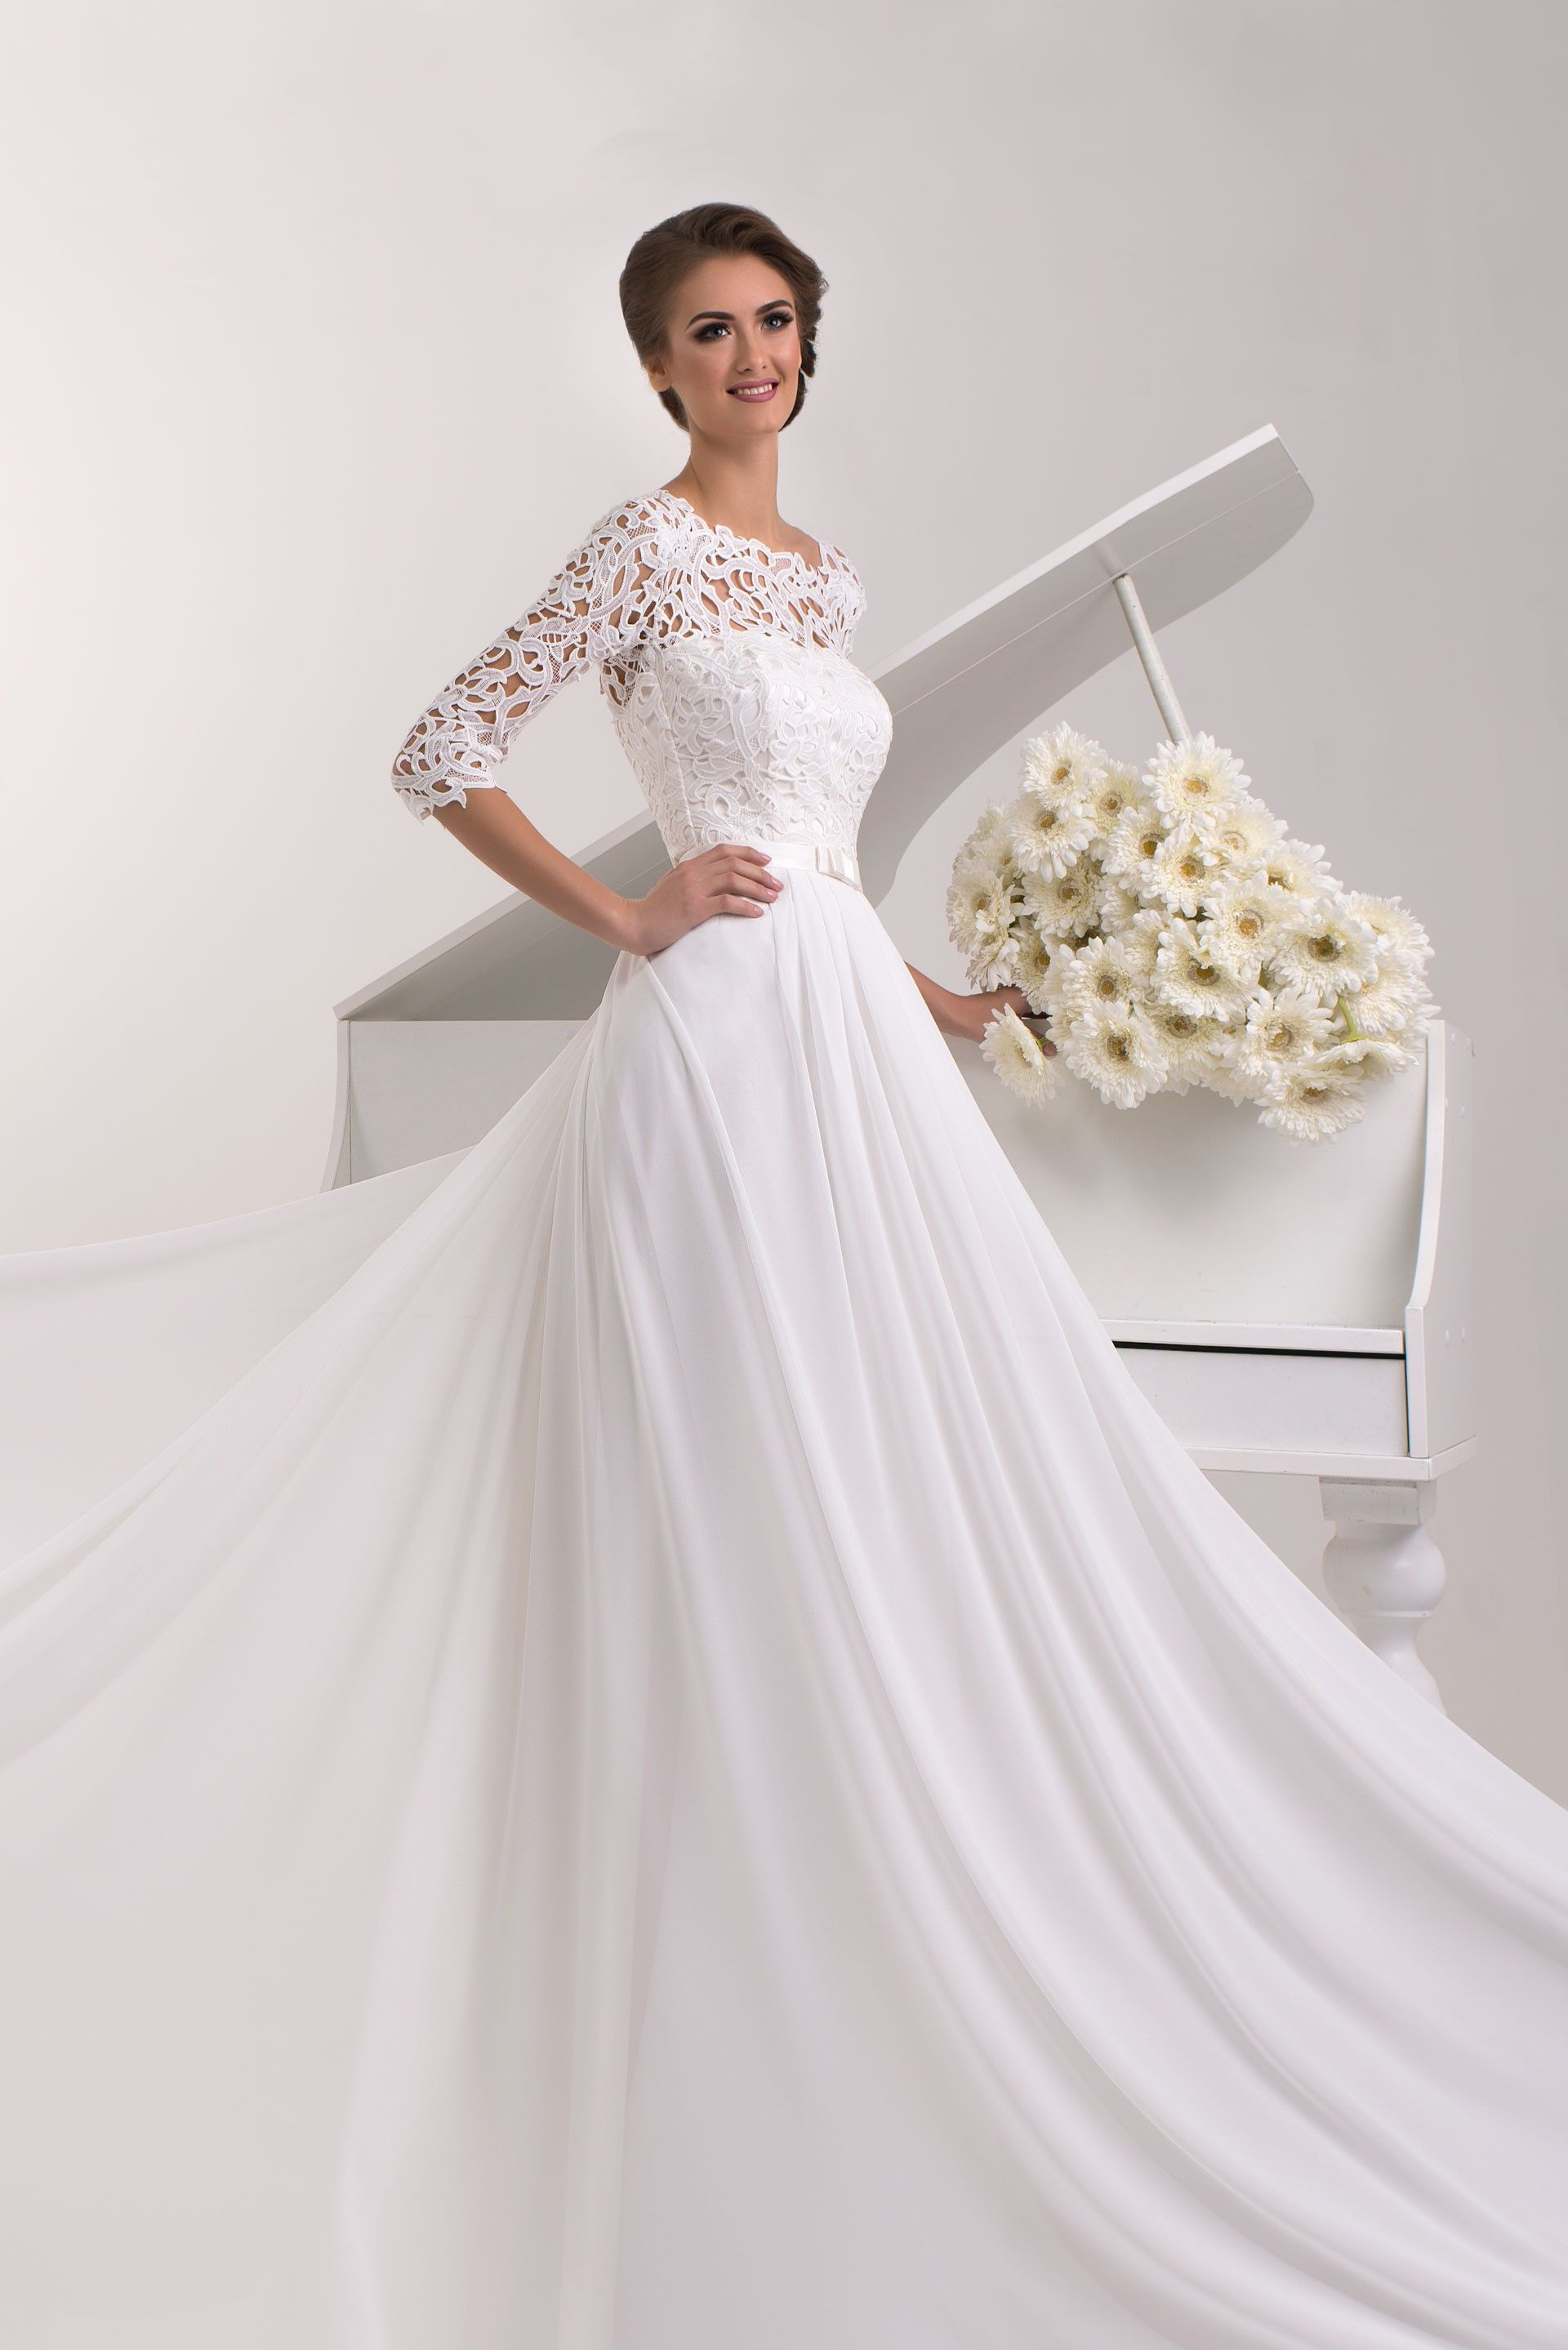 Nádherné svadobné šaty s jednoduchou padavou sukňou a čipkovanými rukávmi 5d23a11871e